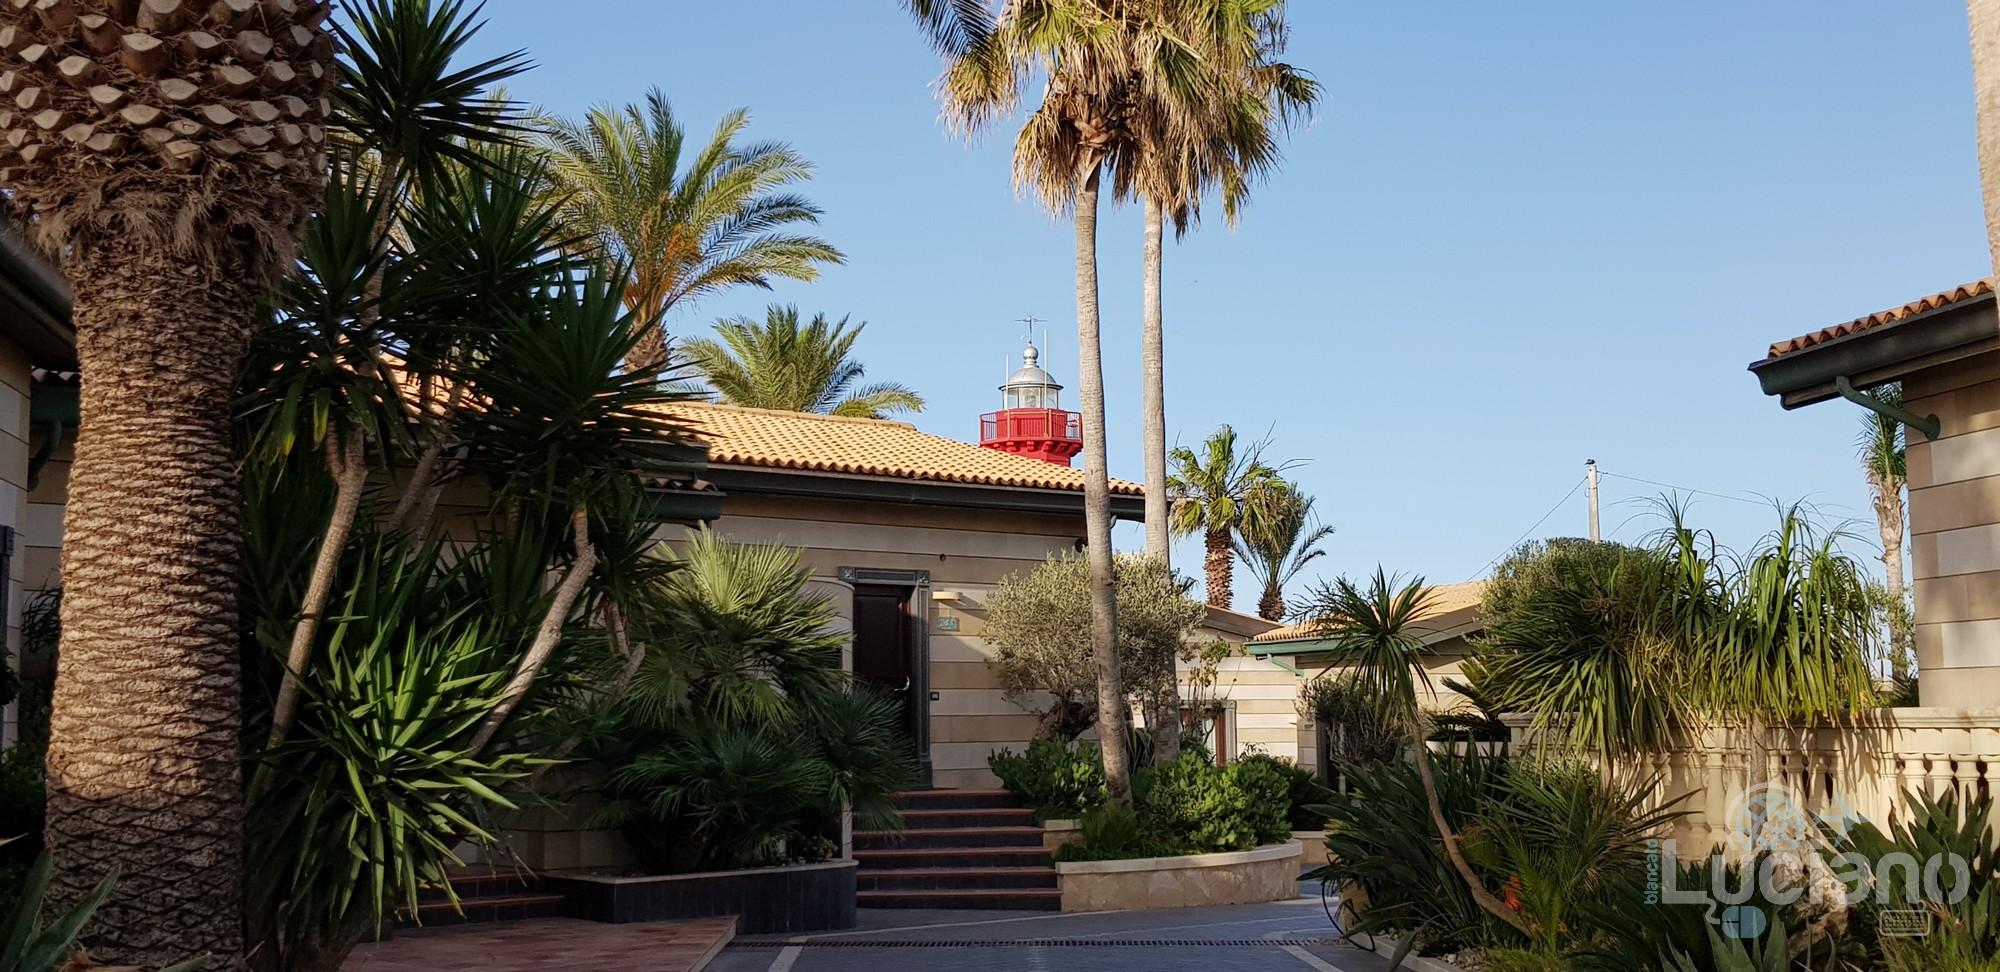 Grand Hotel - Minareto - in giro per il resort vista del faro